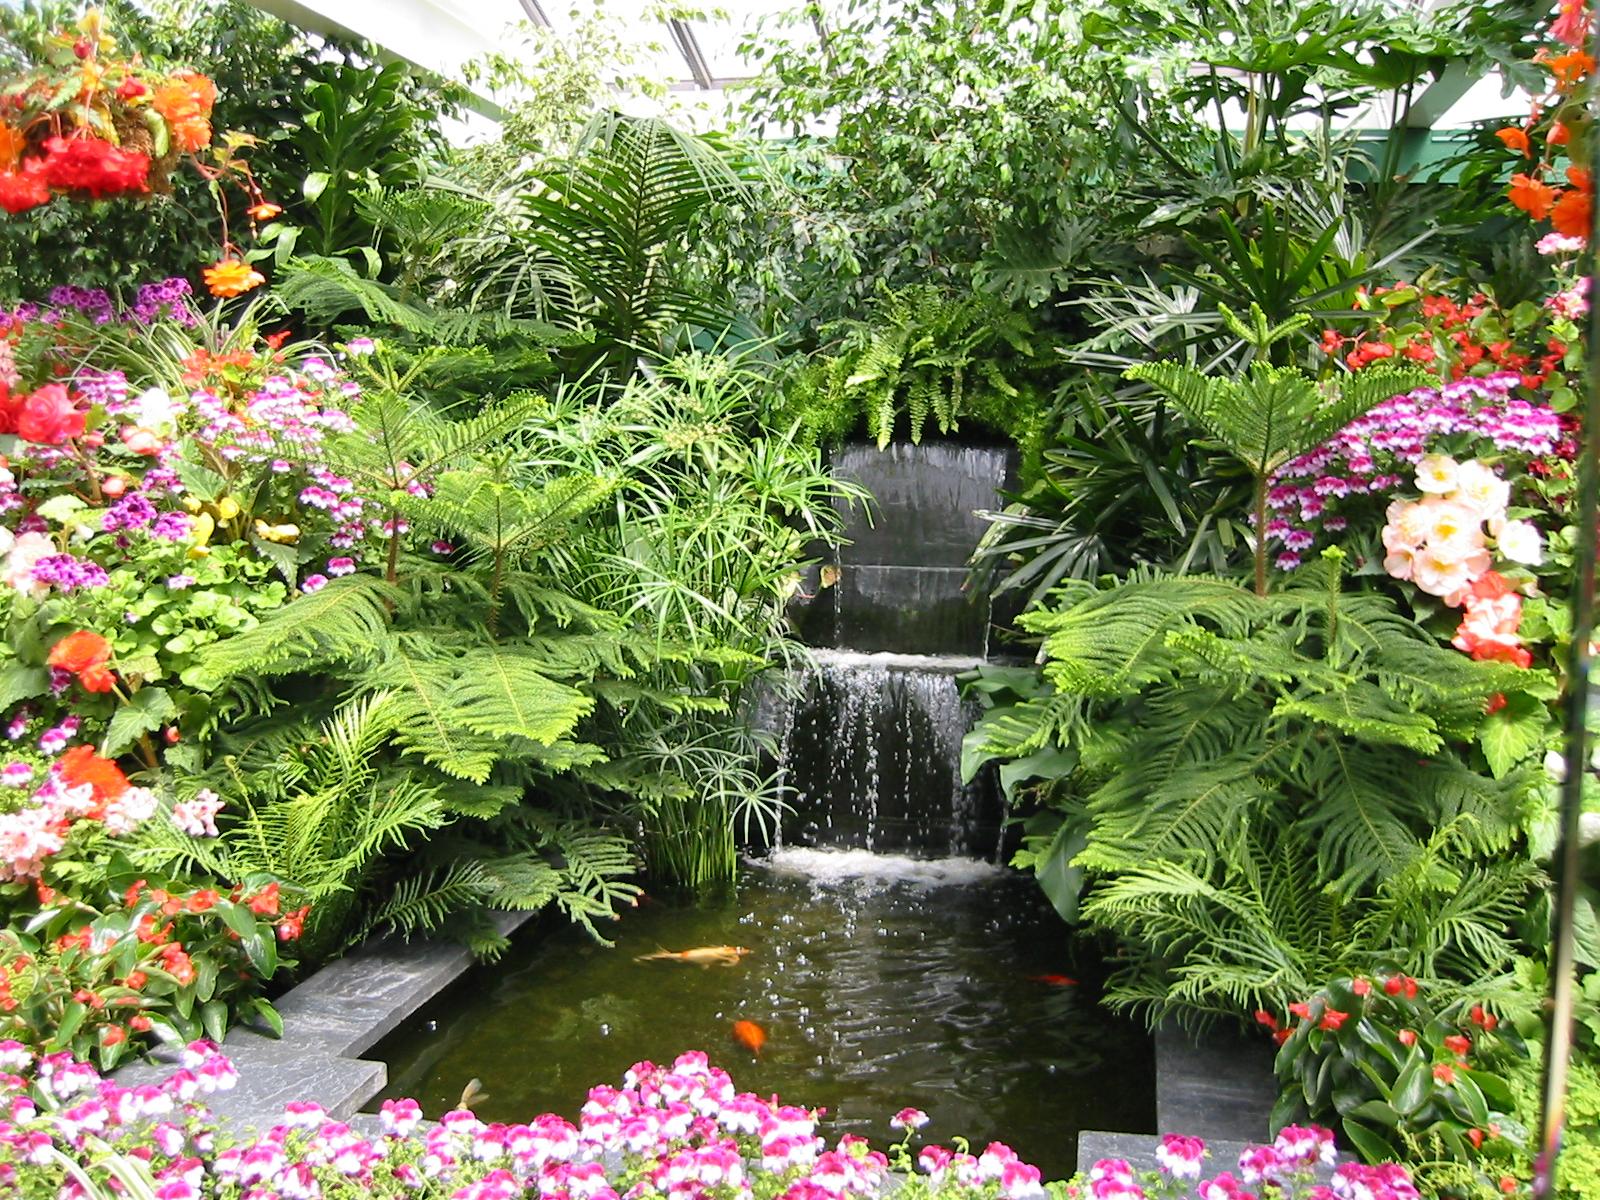 Hệ-thống-tiểu-cảnh-sân-vườn-Đại-Dương-Garden-144.jpg